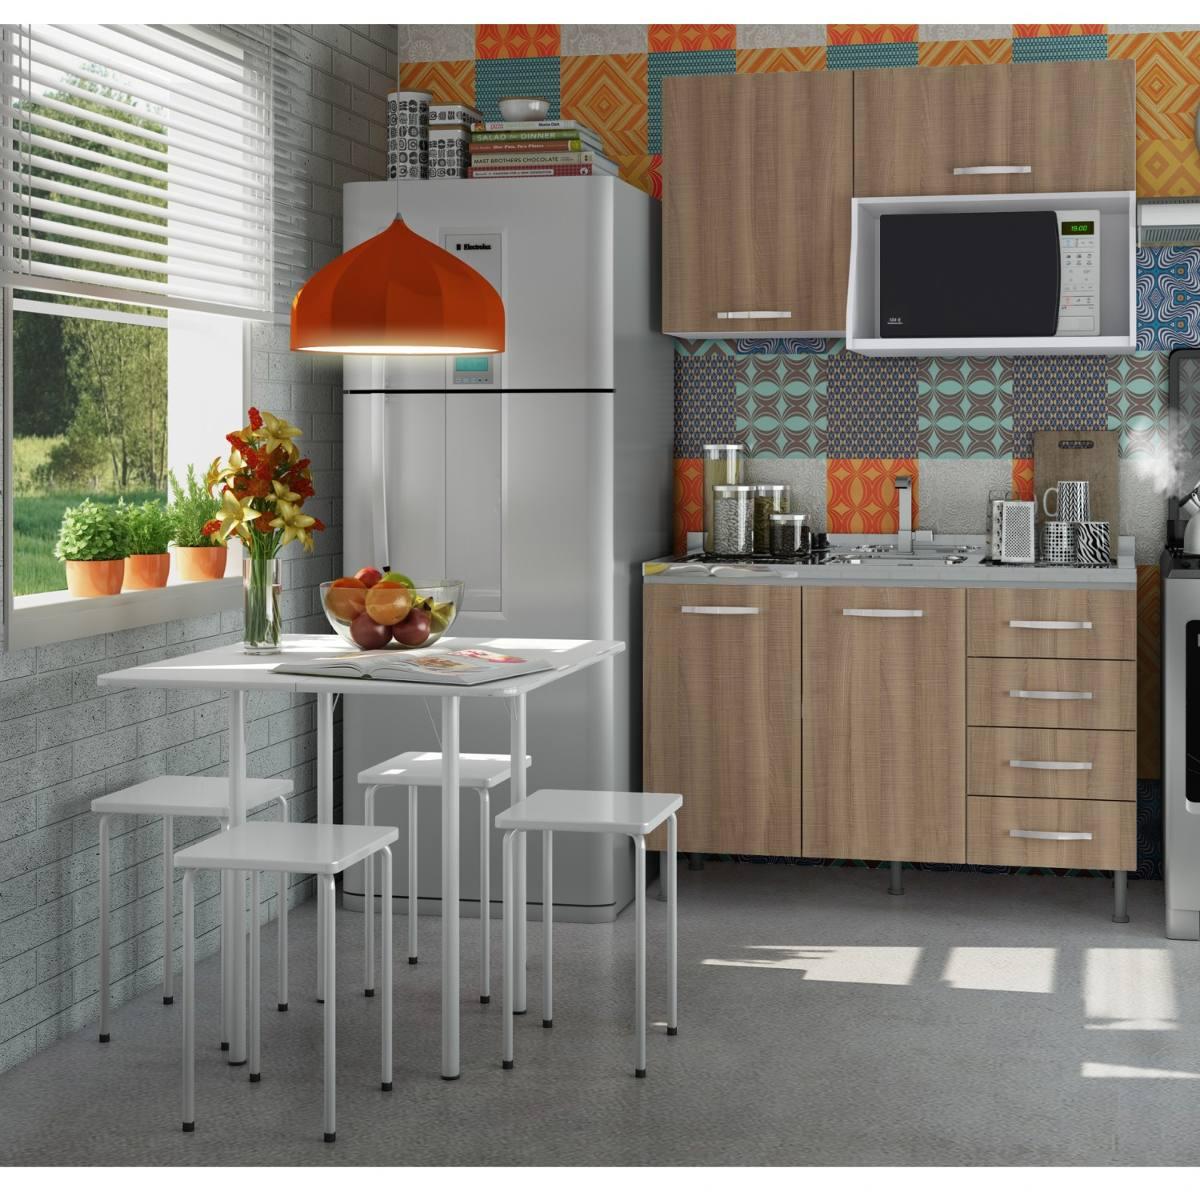 Cozinha Compacta Com Balc O Sem Tampo Mesa E 4 Hd R 719 90 Em  ~ Banqueta Inox Para Cozinha Acozinha Com Cooktop Branco